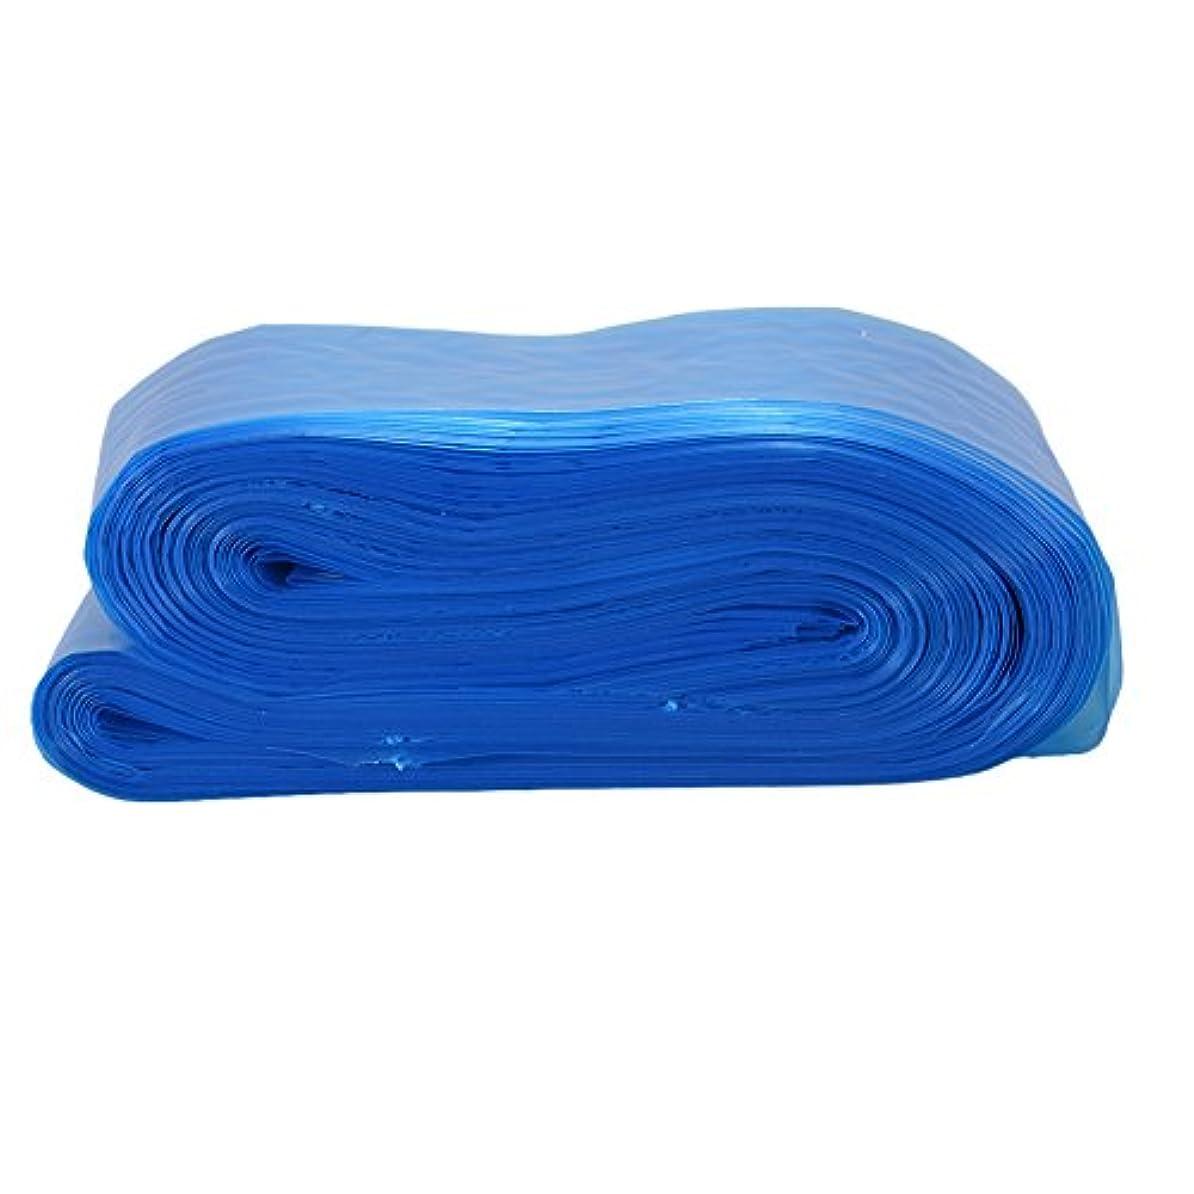 いらいらする巻き取り挽くRaiFu タトゥークリップカバー バッグ タトゥーアクセサリー コード スリーブバッグ タトゥーマシンのため 使い捨て プロフェッショナル ブルー 100PCS/パック